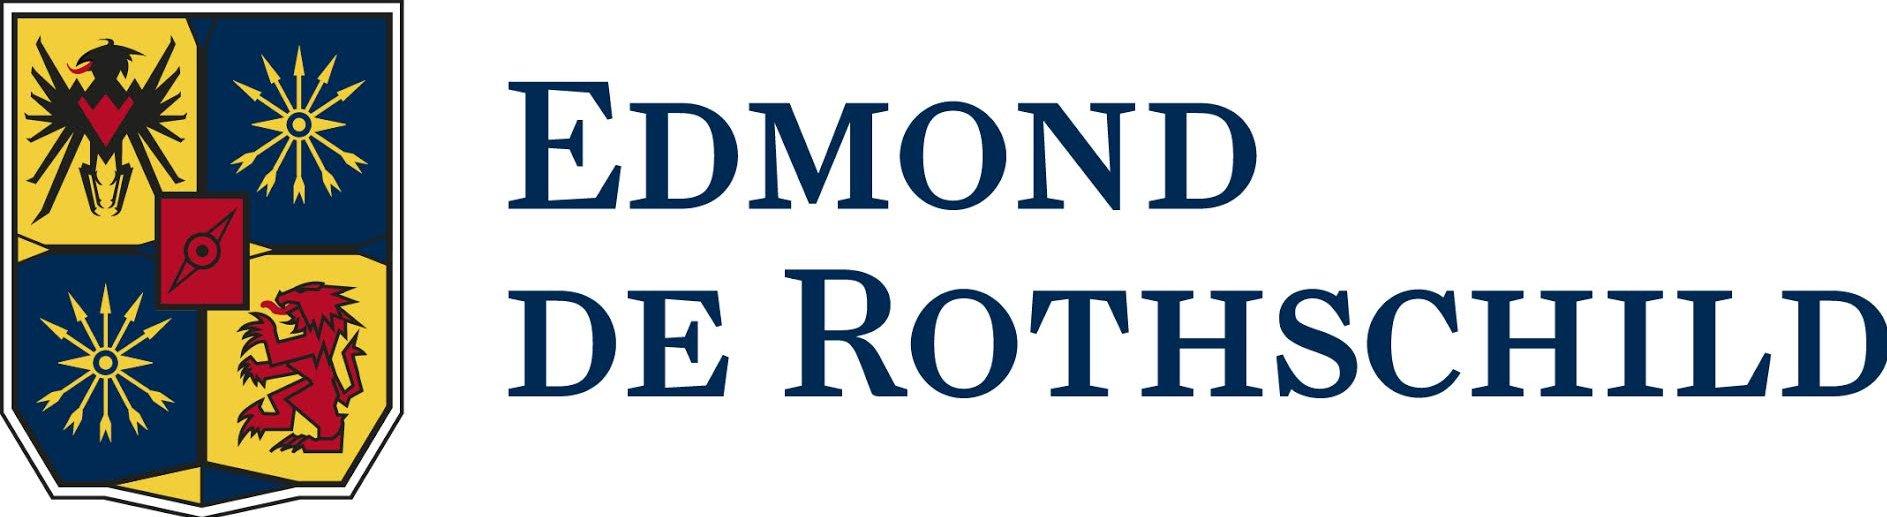 Sébastien Senegas nos abre las puertas de Edmond de Rothschild AM - Rankia